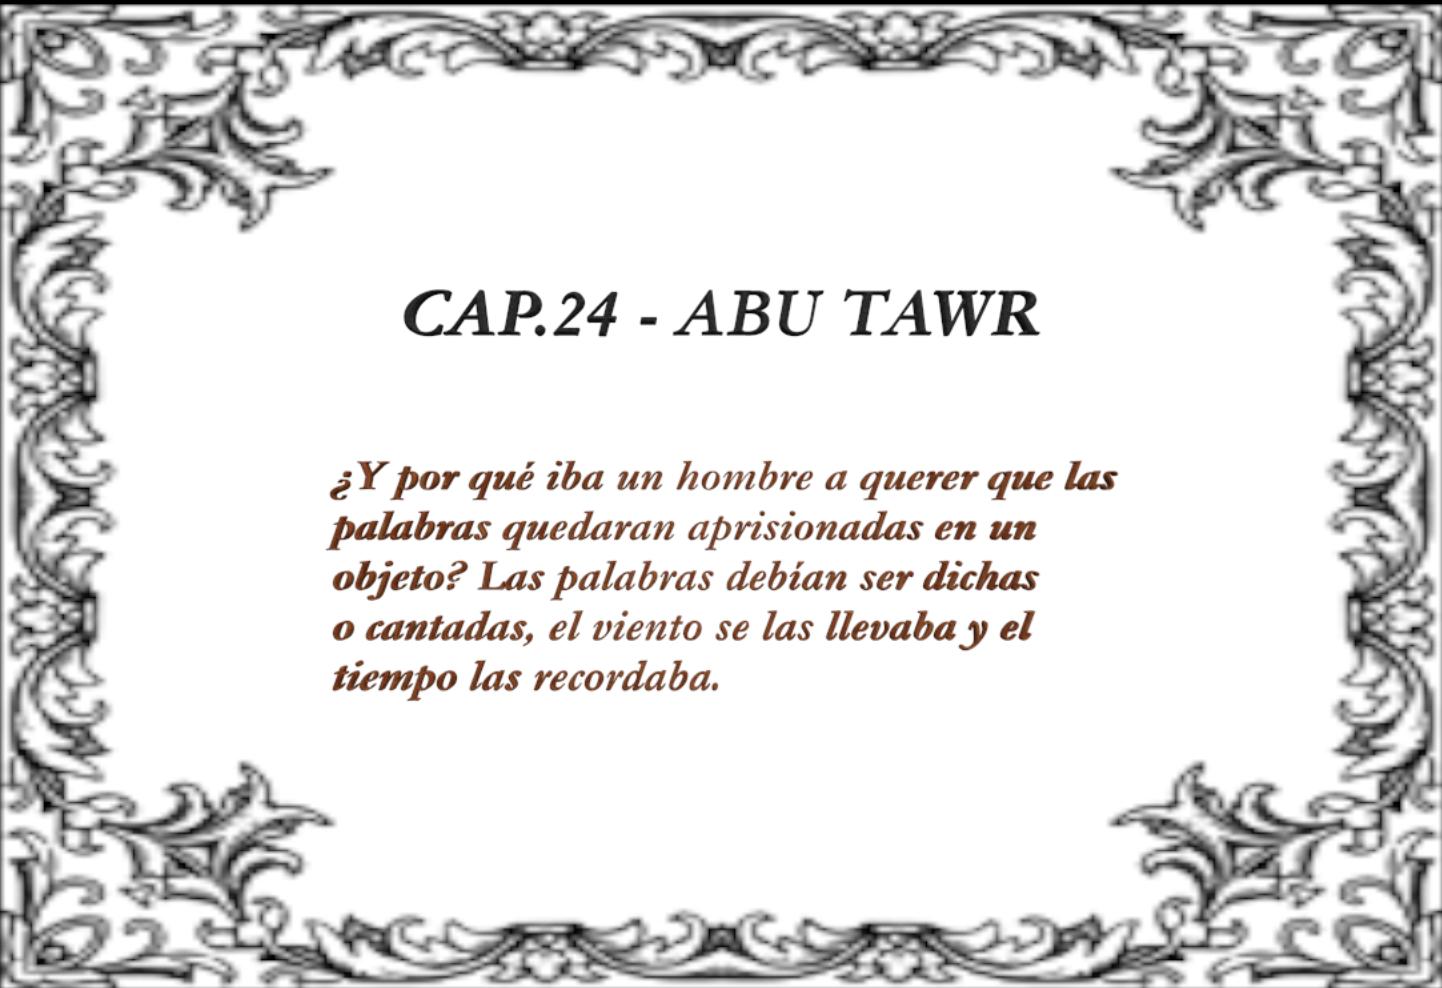 24 abu tawr 1